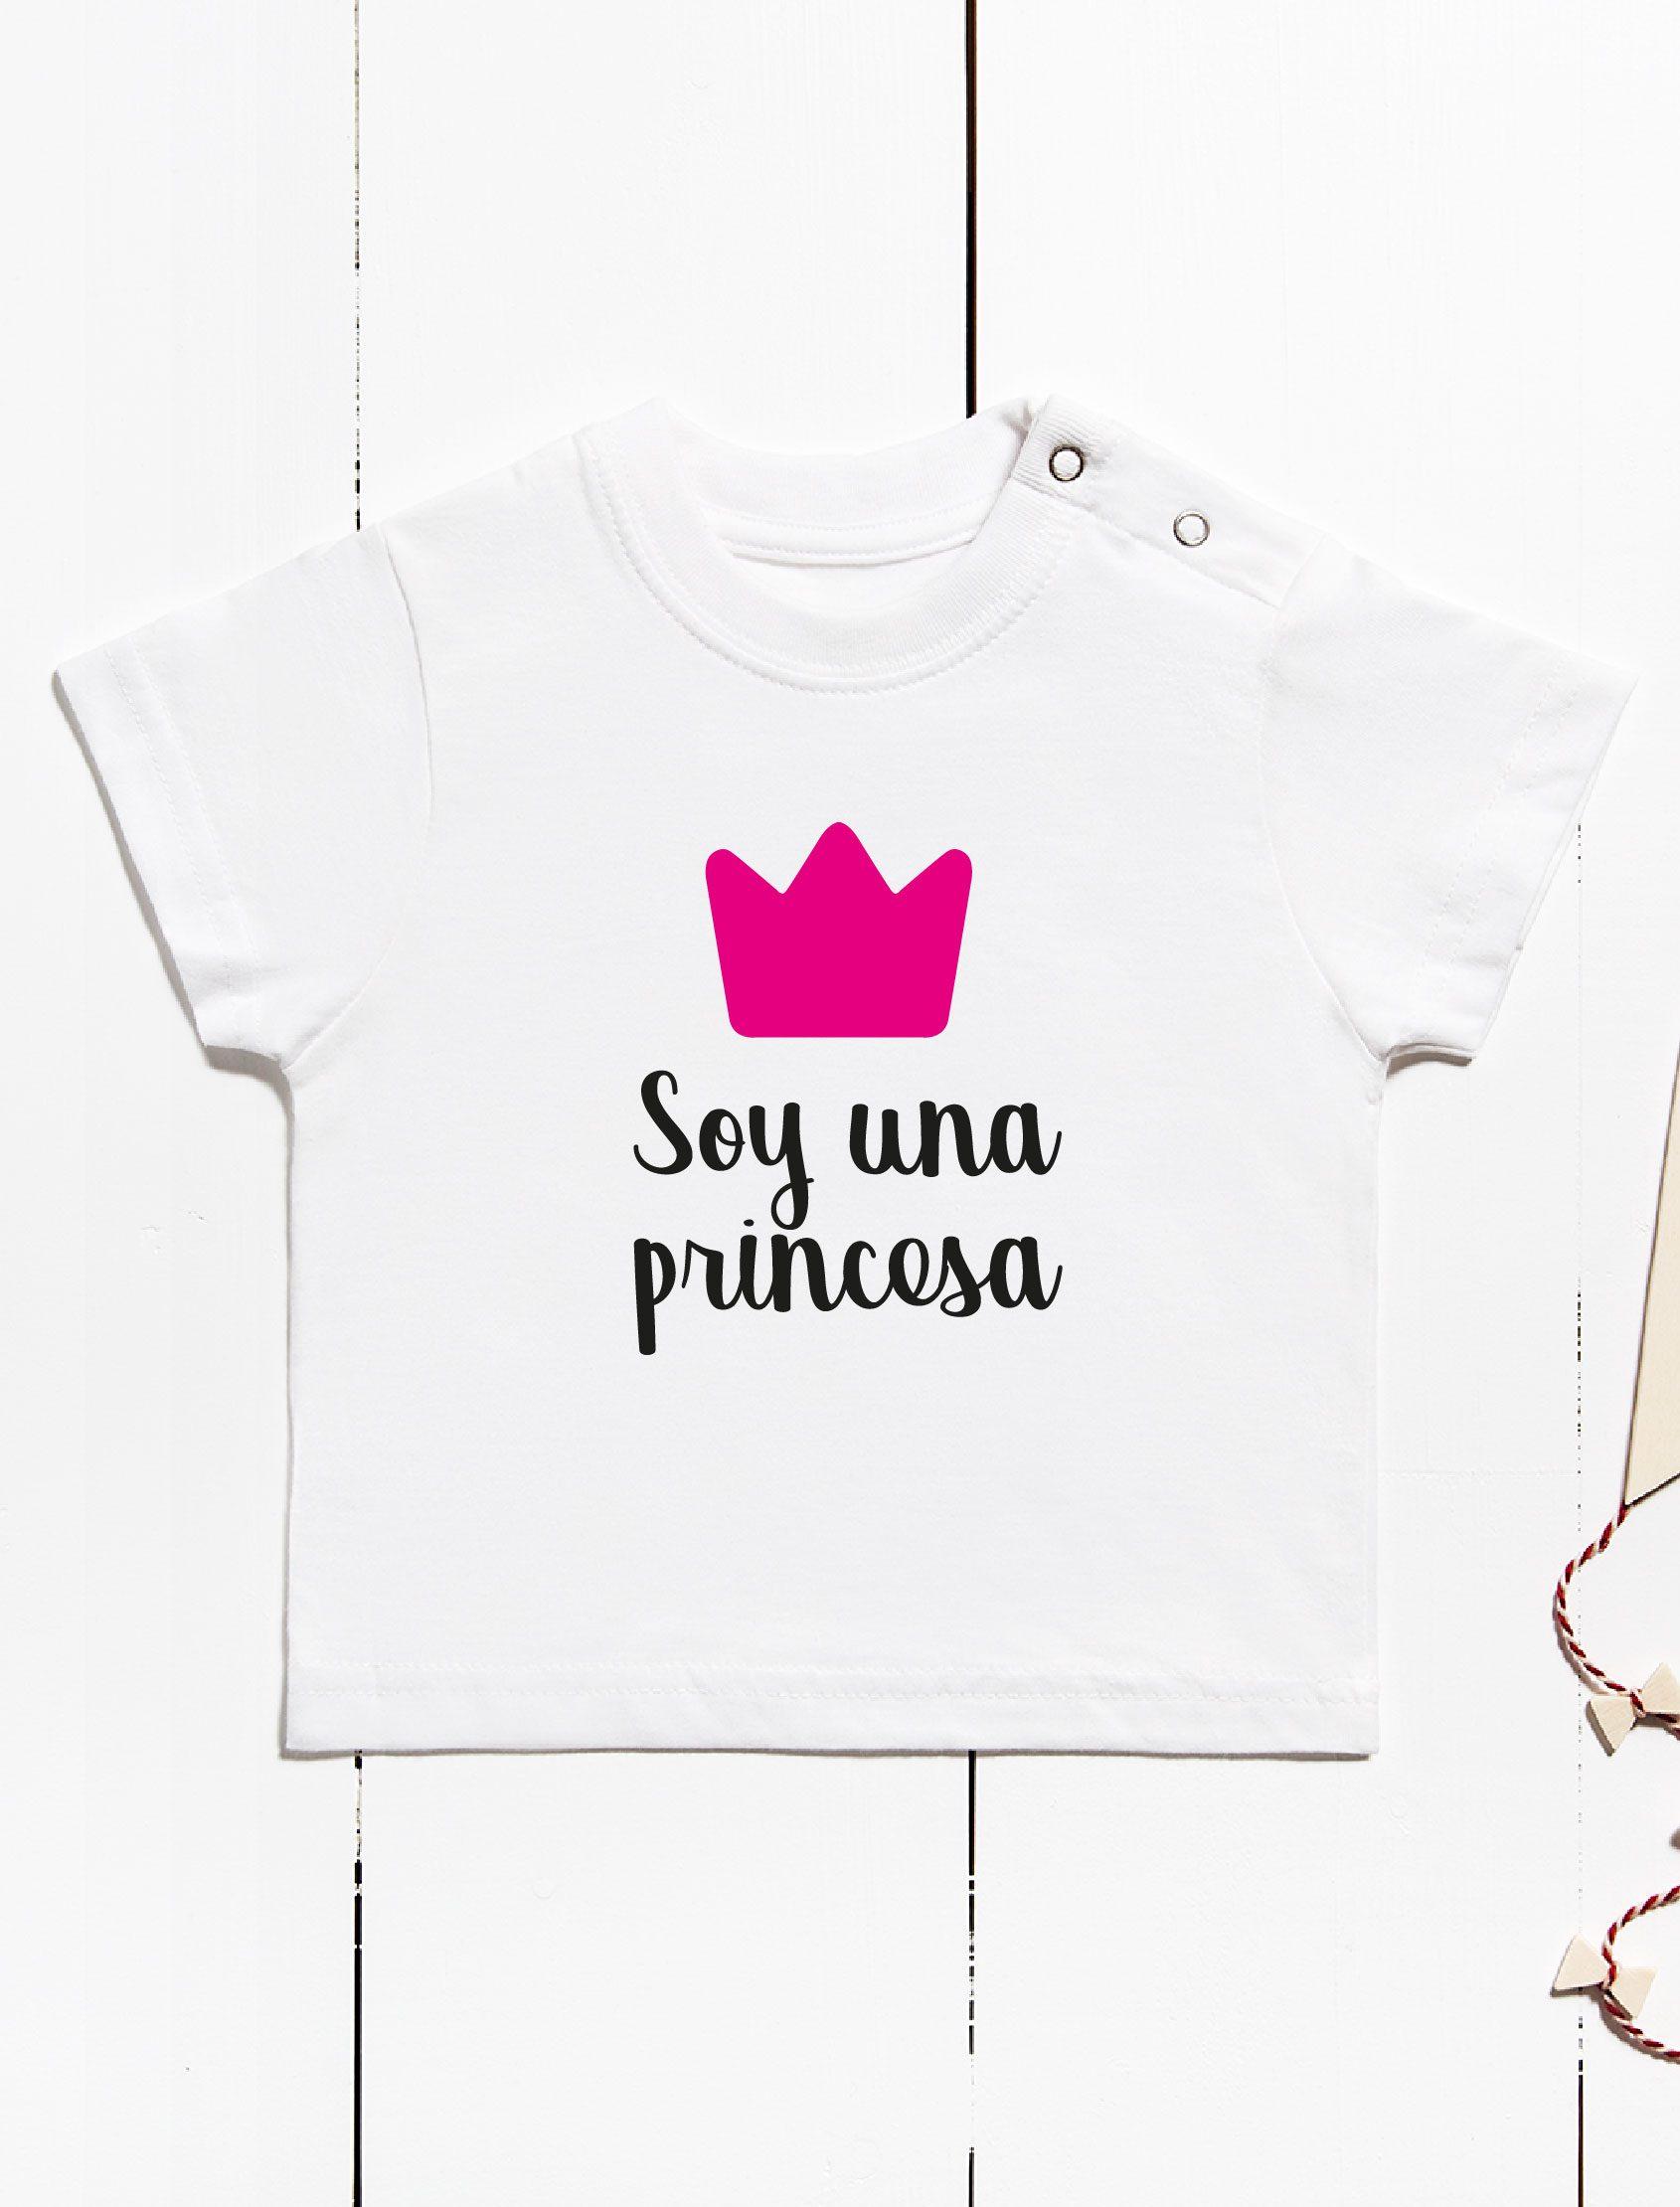 camiseta infantil manga corta con mensaje soy una princesa y corona de reina